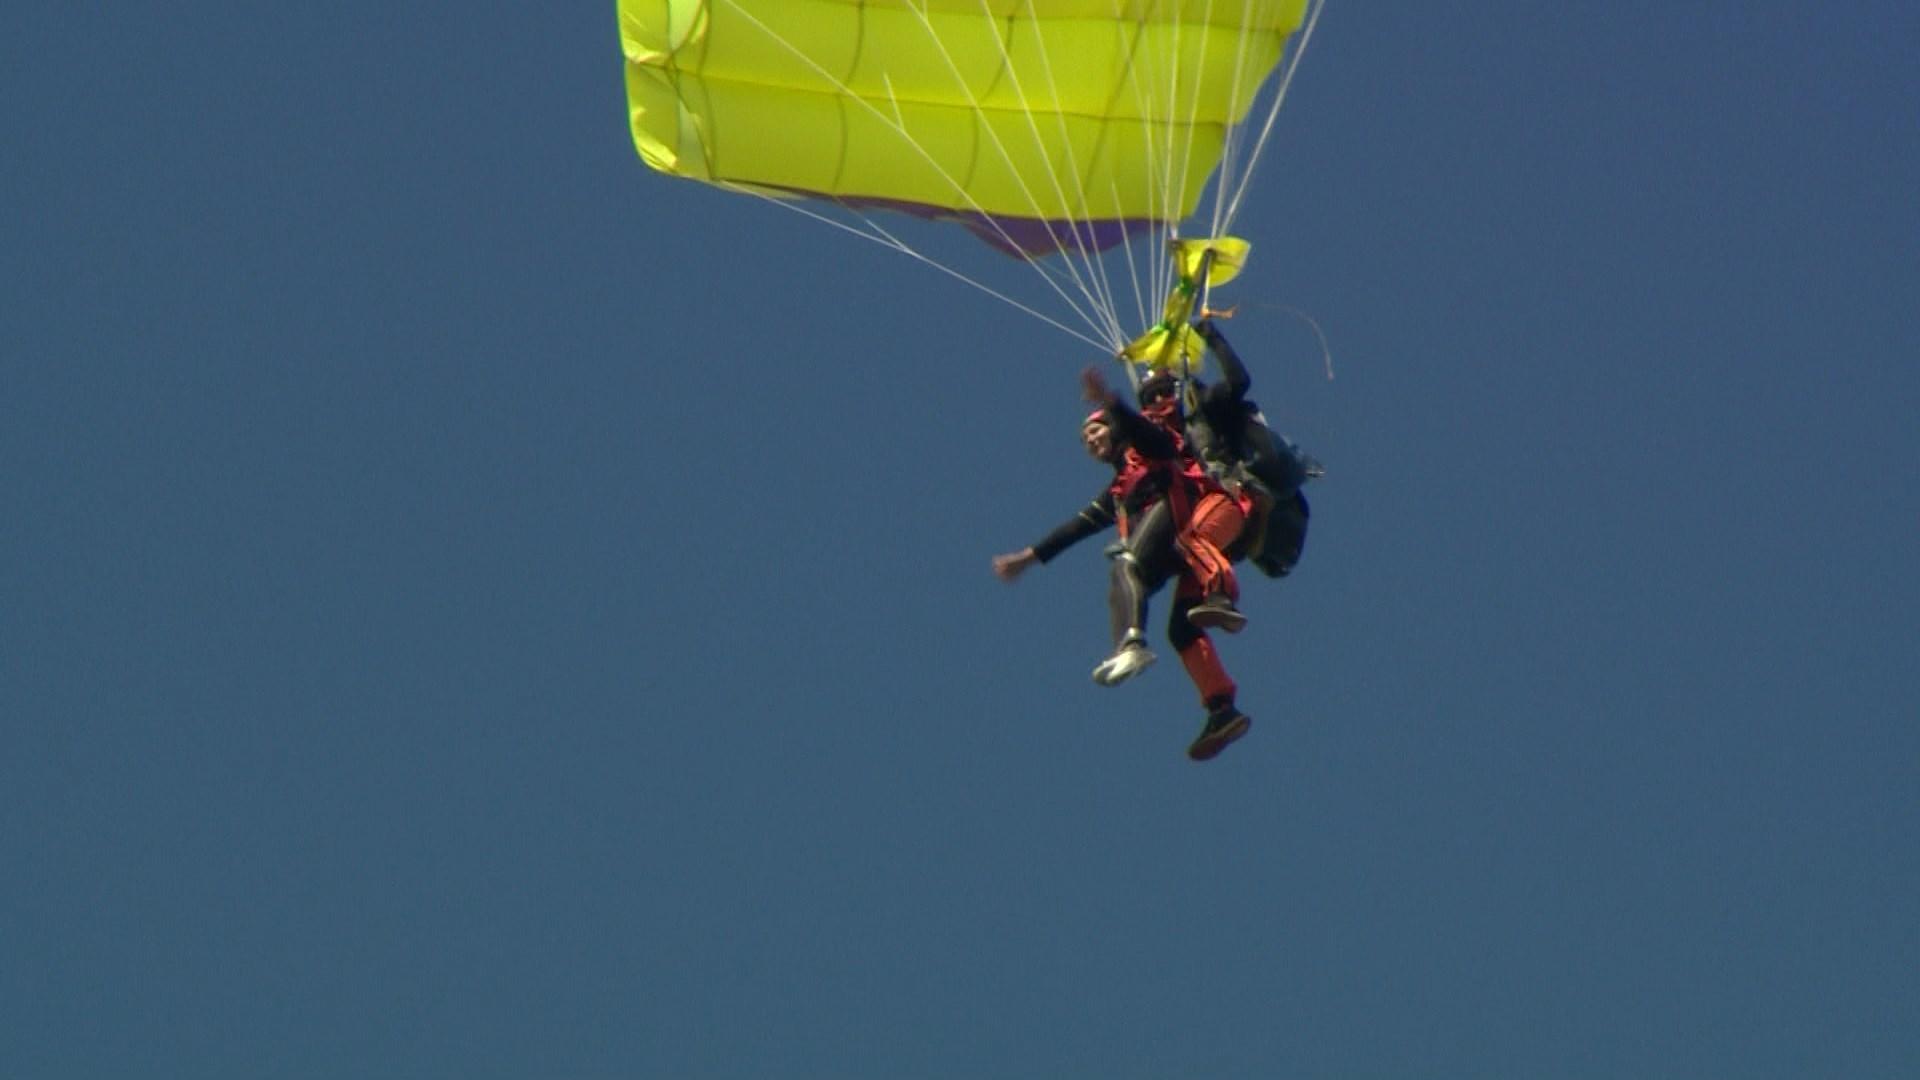 парашютисты в воздухе картинки сахаров очень хорошо